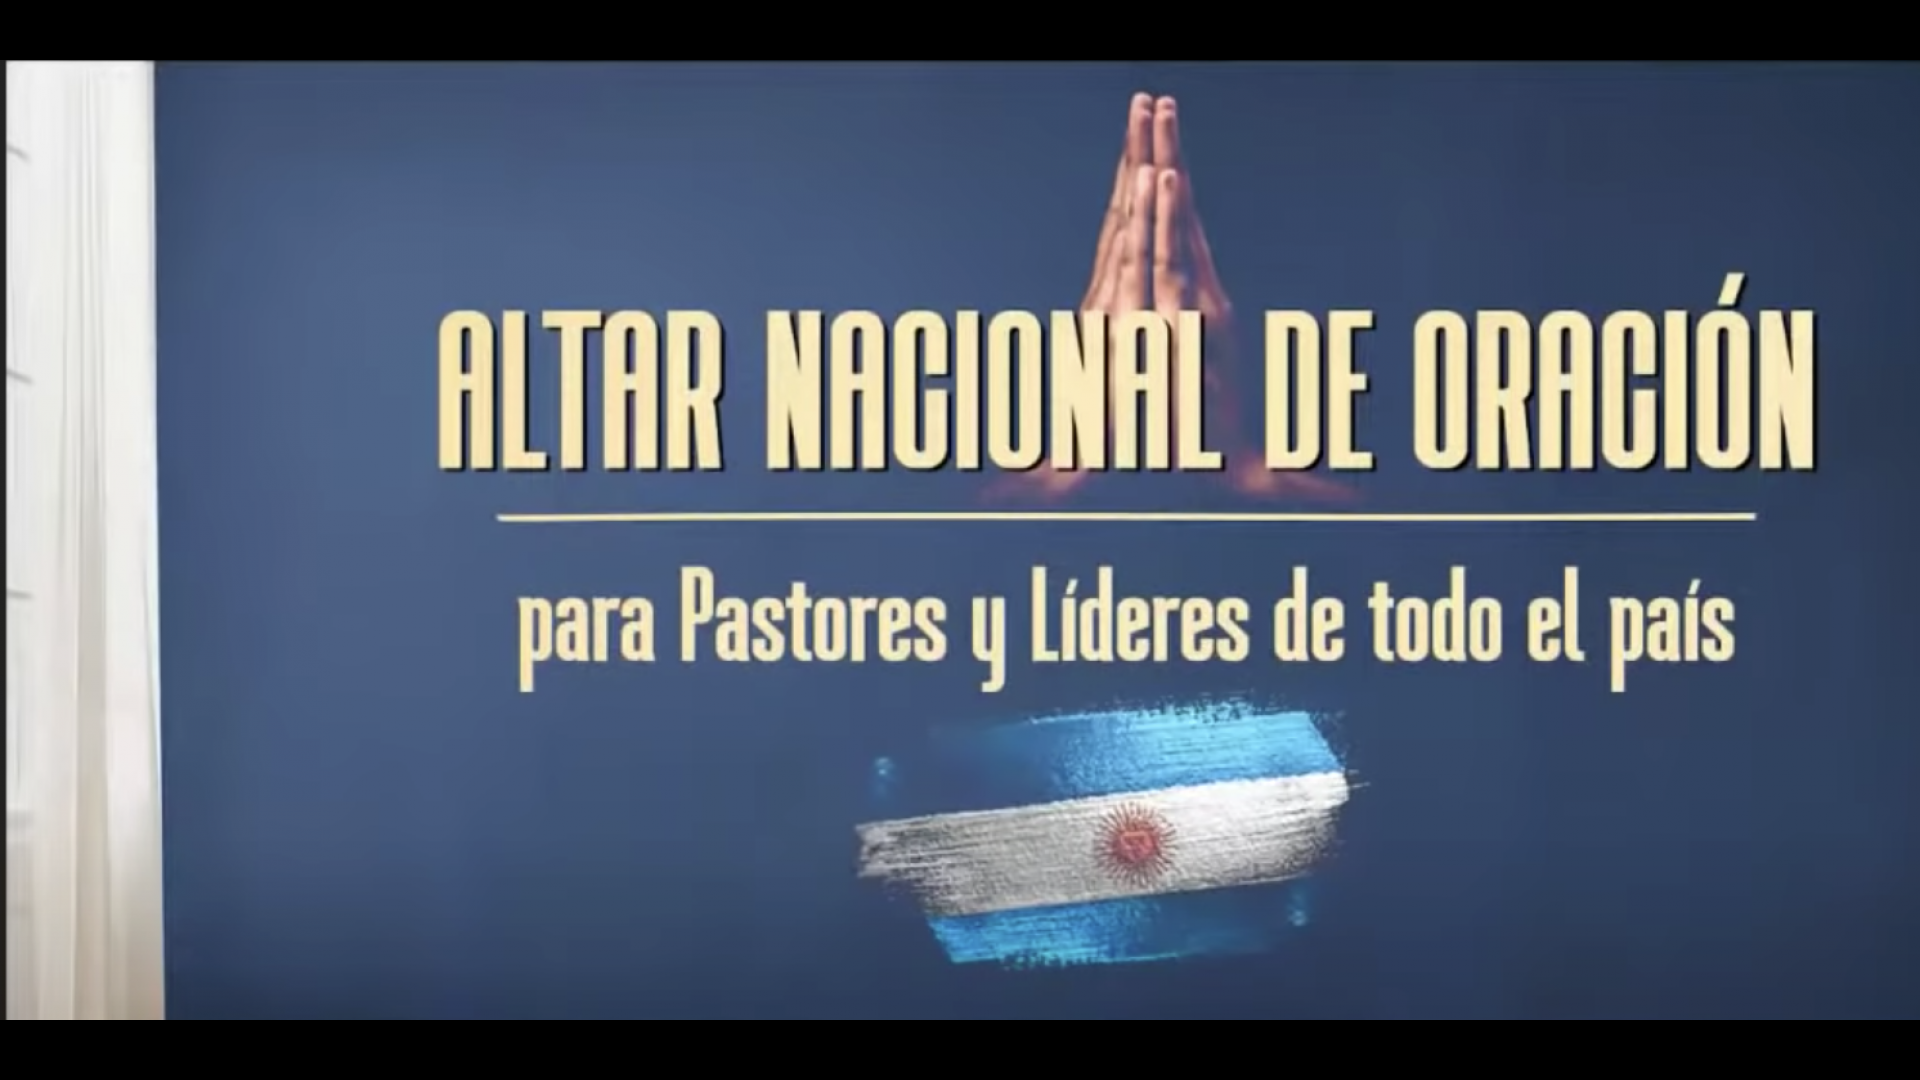 ALTAR NACIONAL DE ORACIÓN